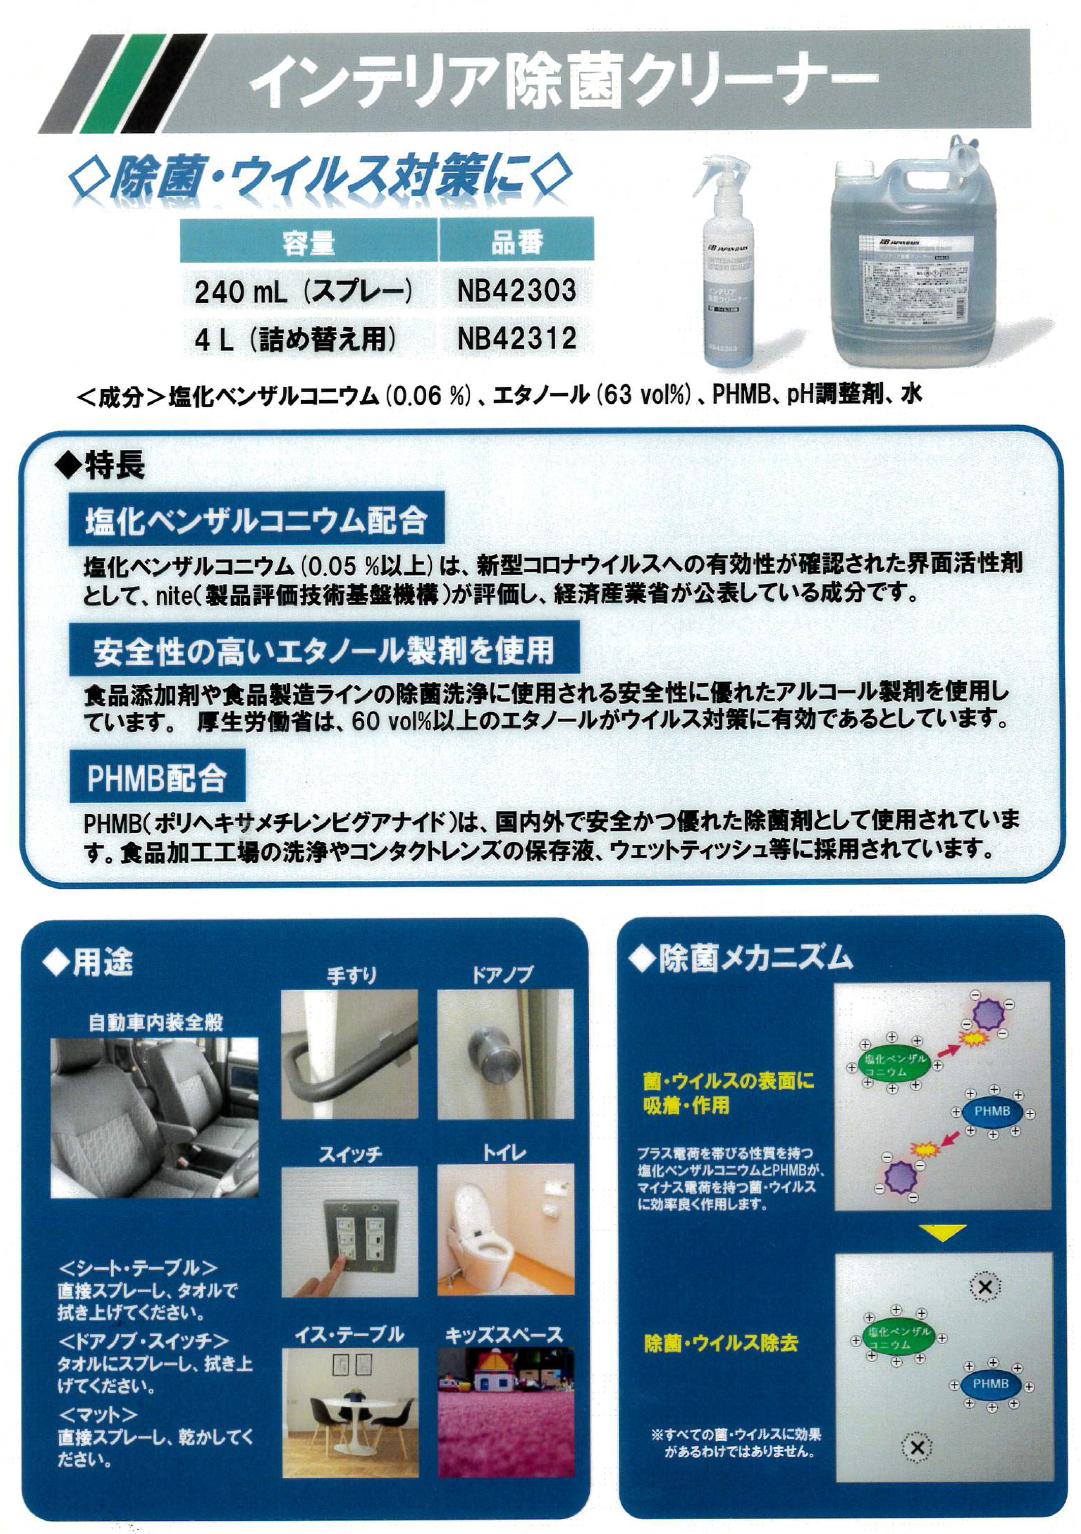 ルコ 新型 ニウム コロナ 塩化 ベンザ